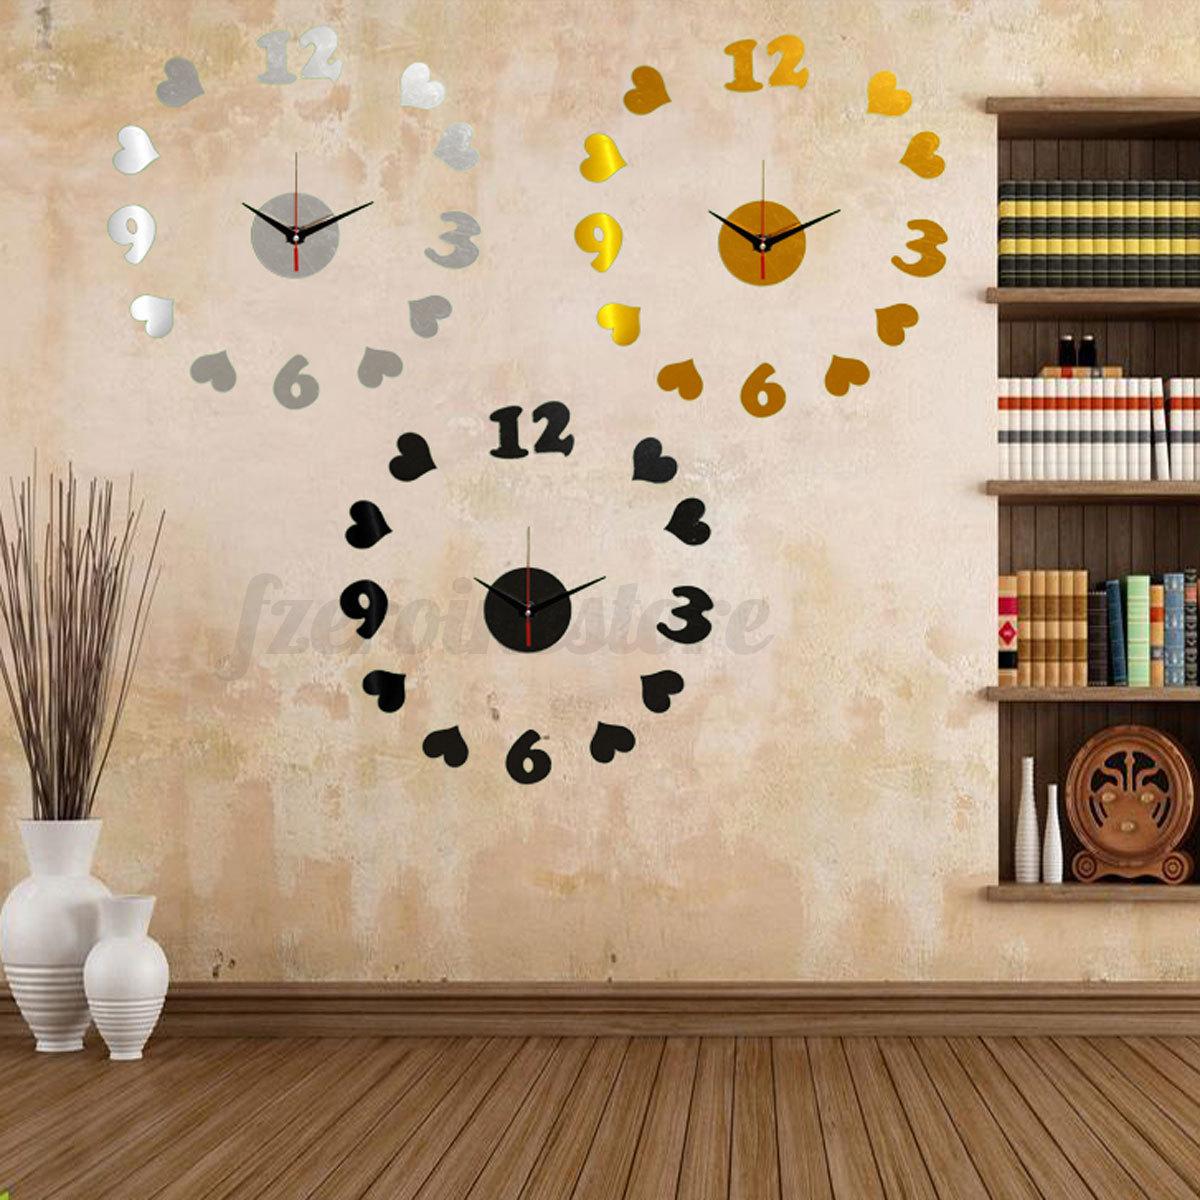 wanduhren modern wohnzimmer | jtleigh.com - hausgestaltung ideen - Wohnzimmer Spiegel Modern